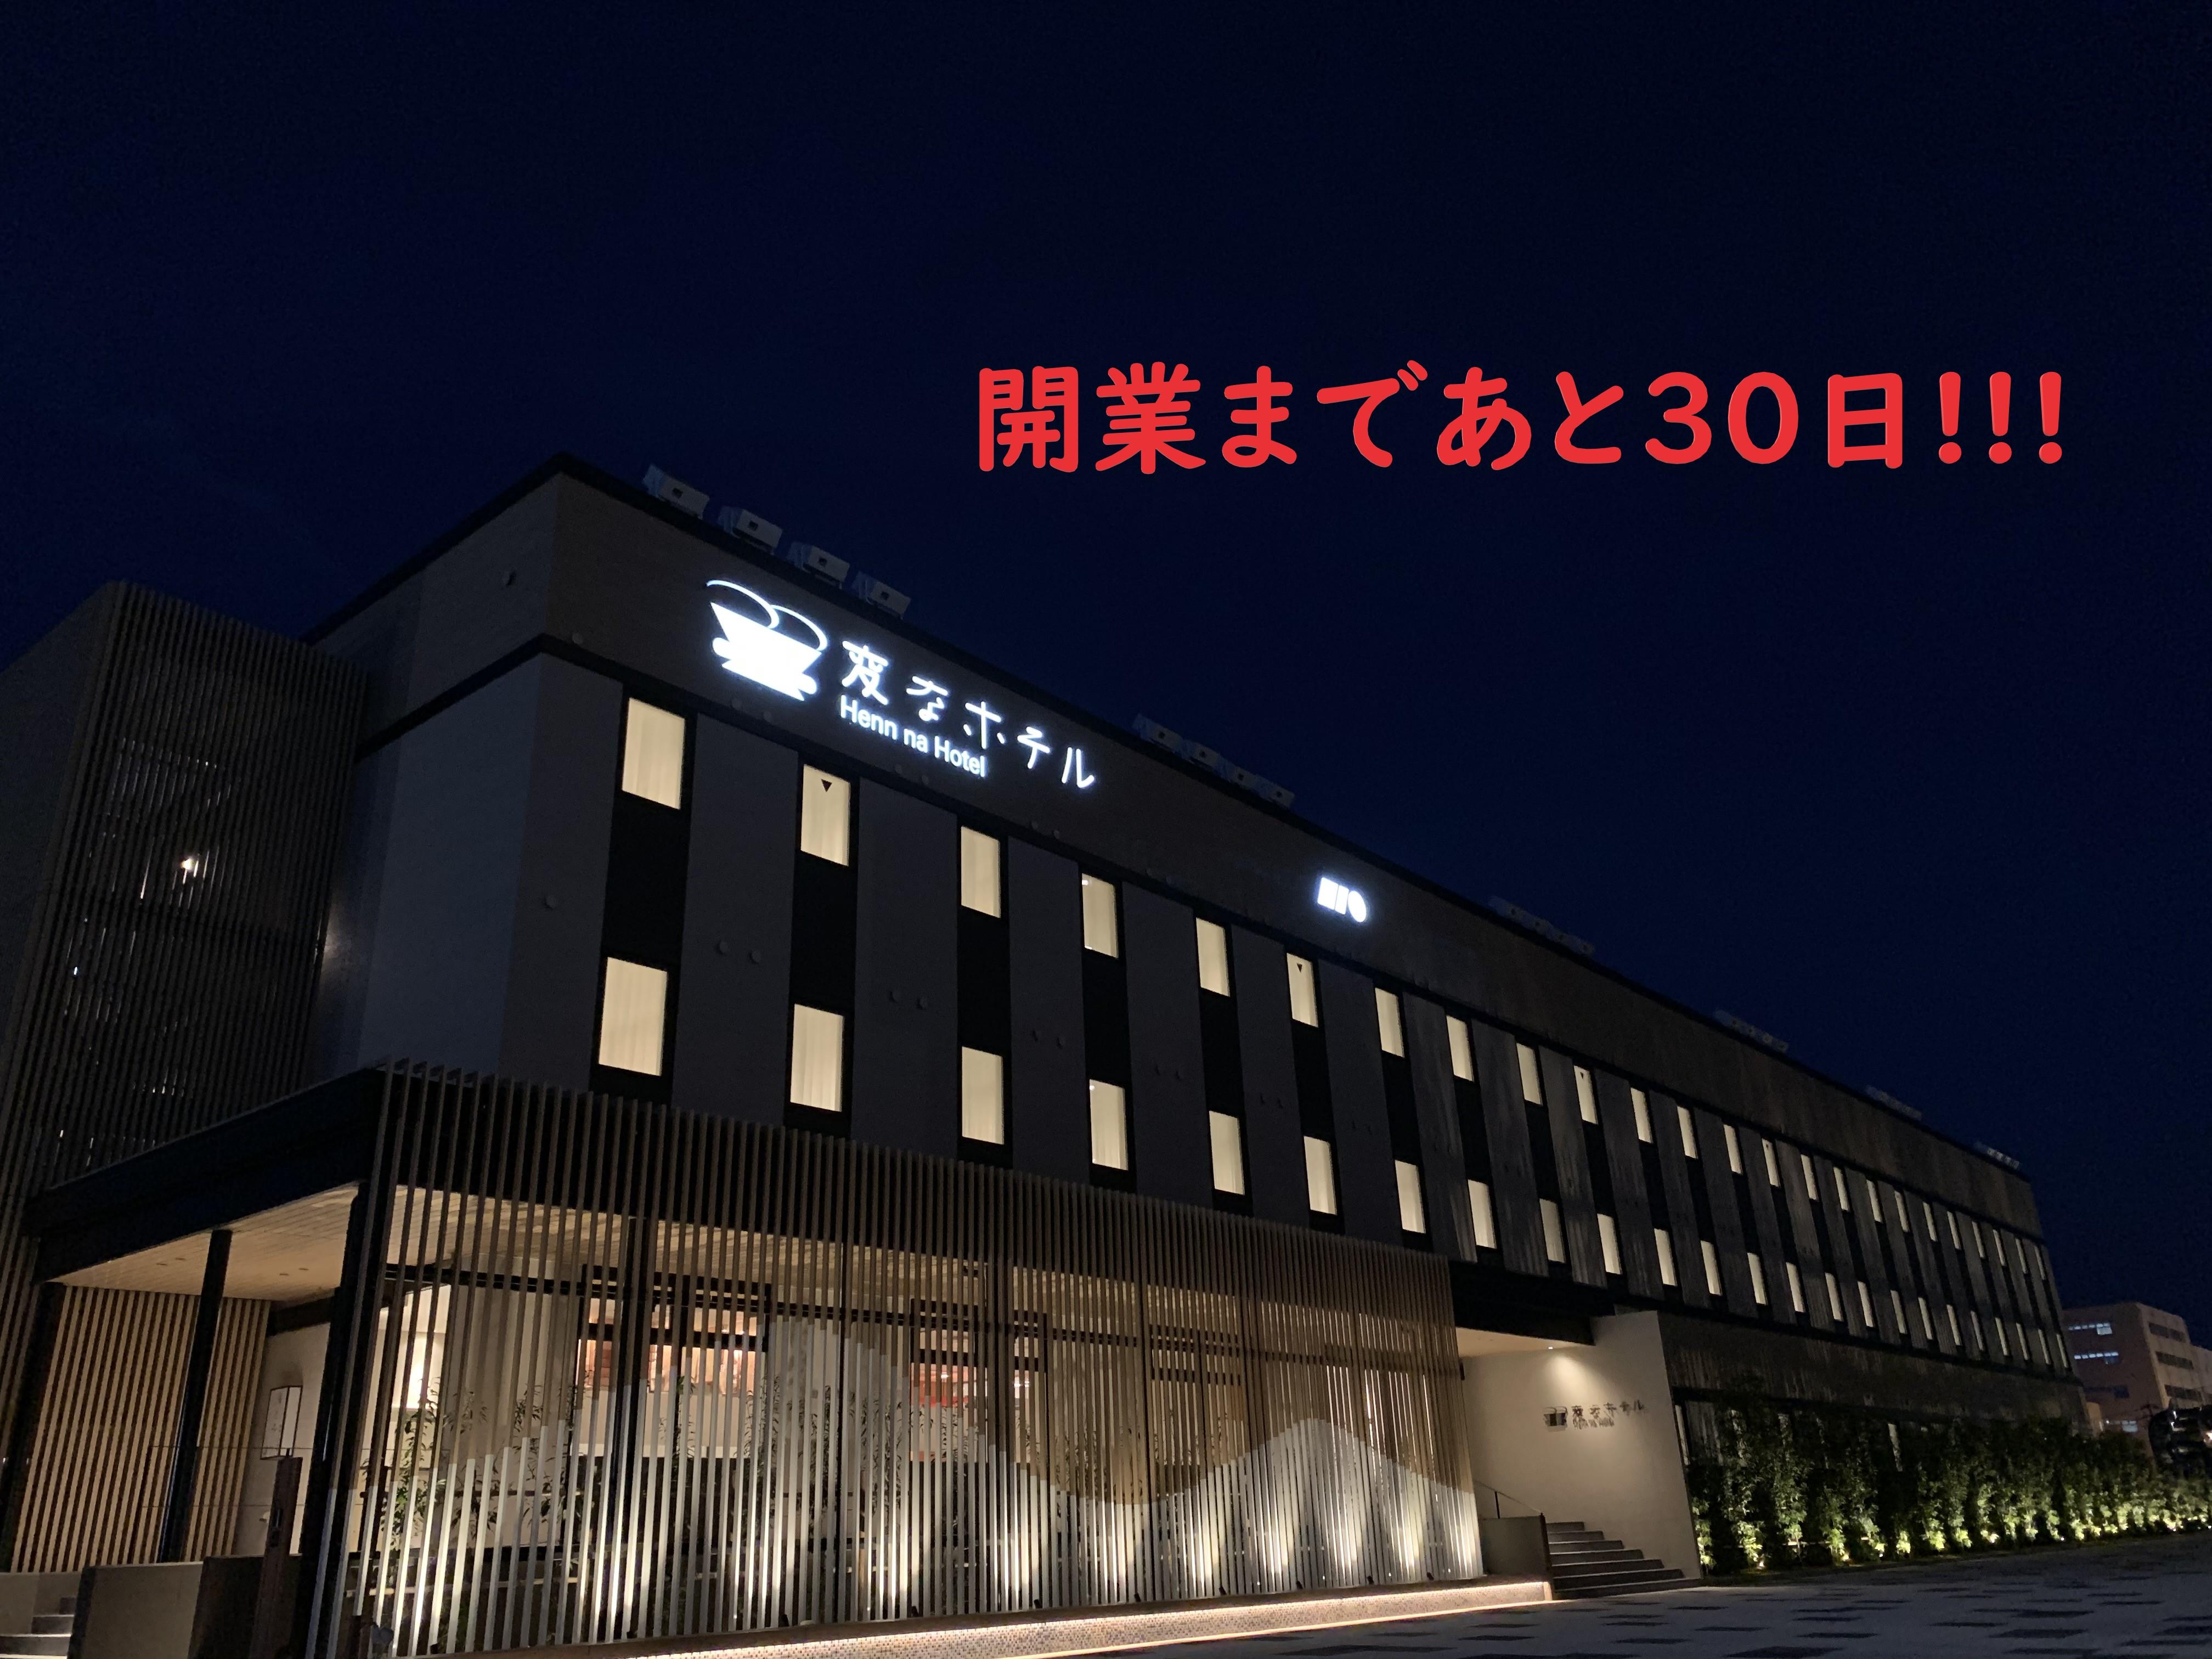 【開業カウントダウン②】あと30日!!プロジェクションマッピング「こまつ80スクエア」